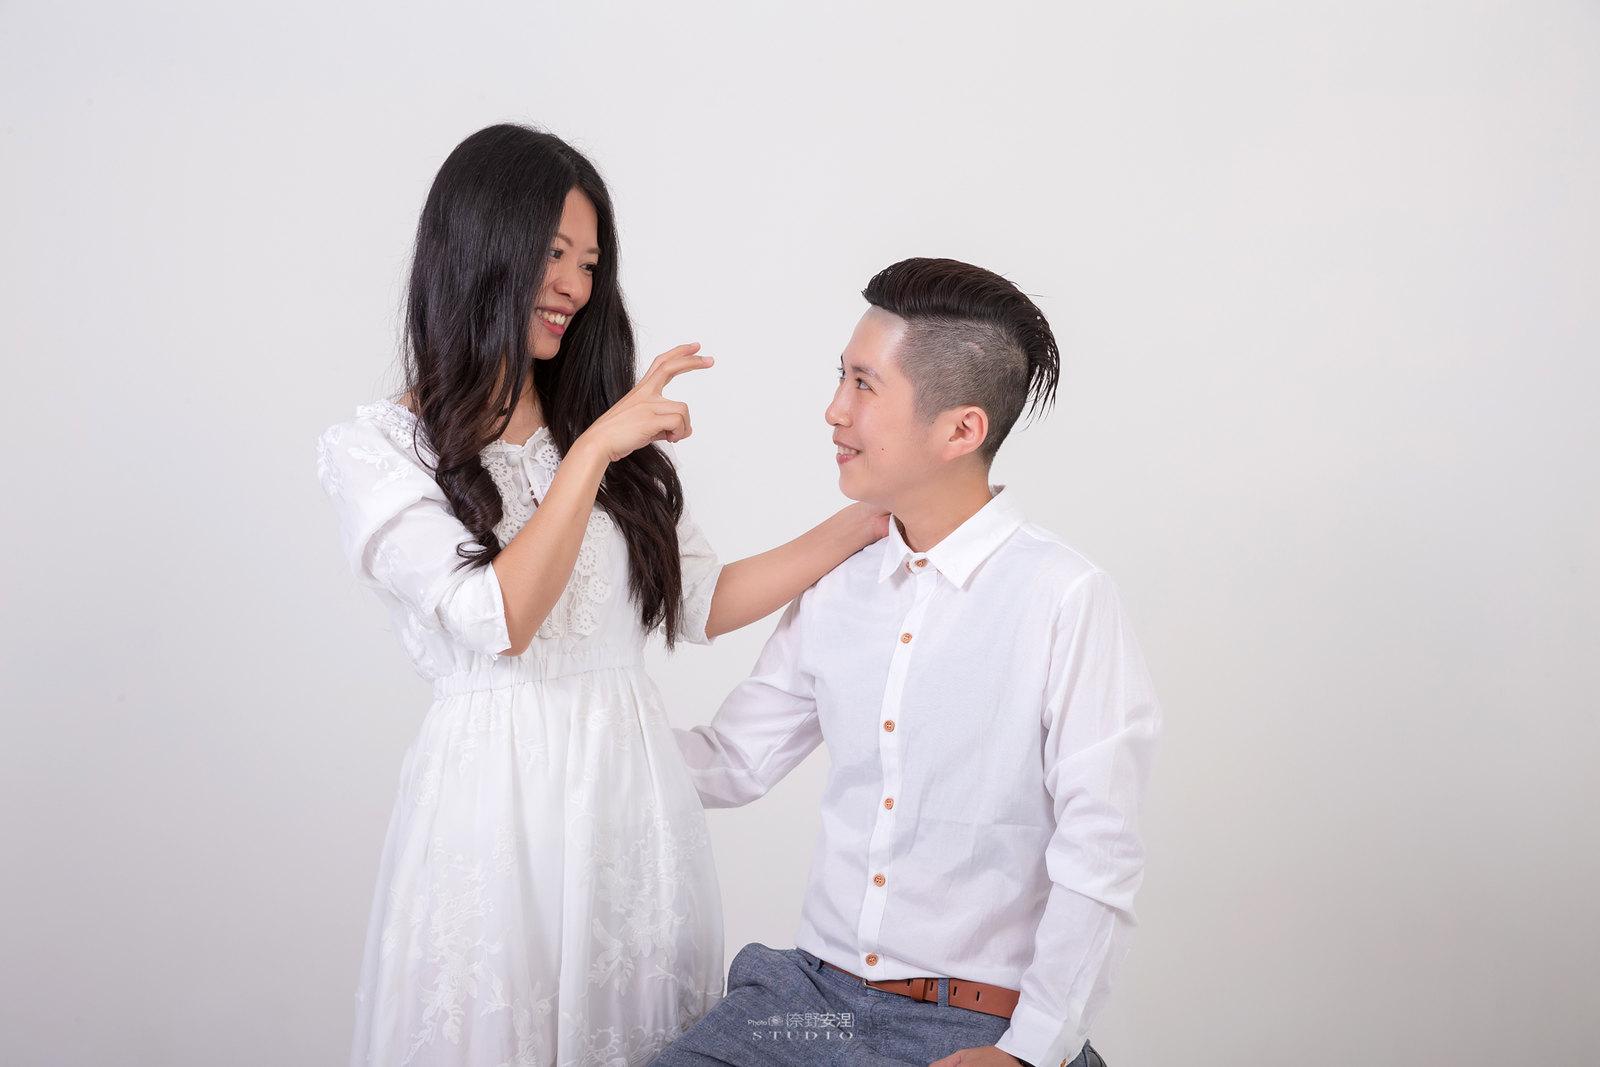 台南全家福 | 拋棄傳統合照的彆扭,忠實呈現家人間最親密的情感10